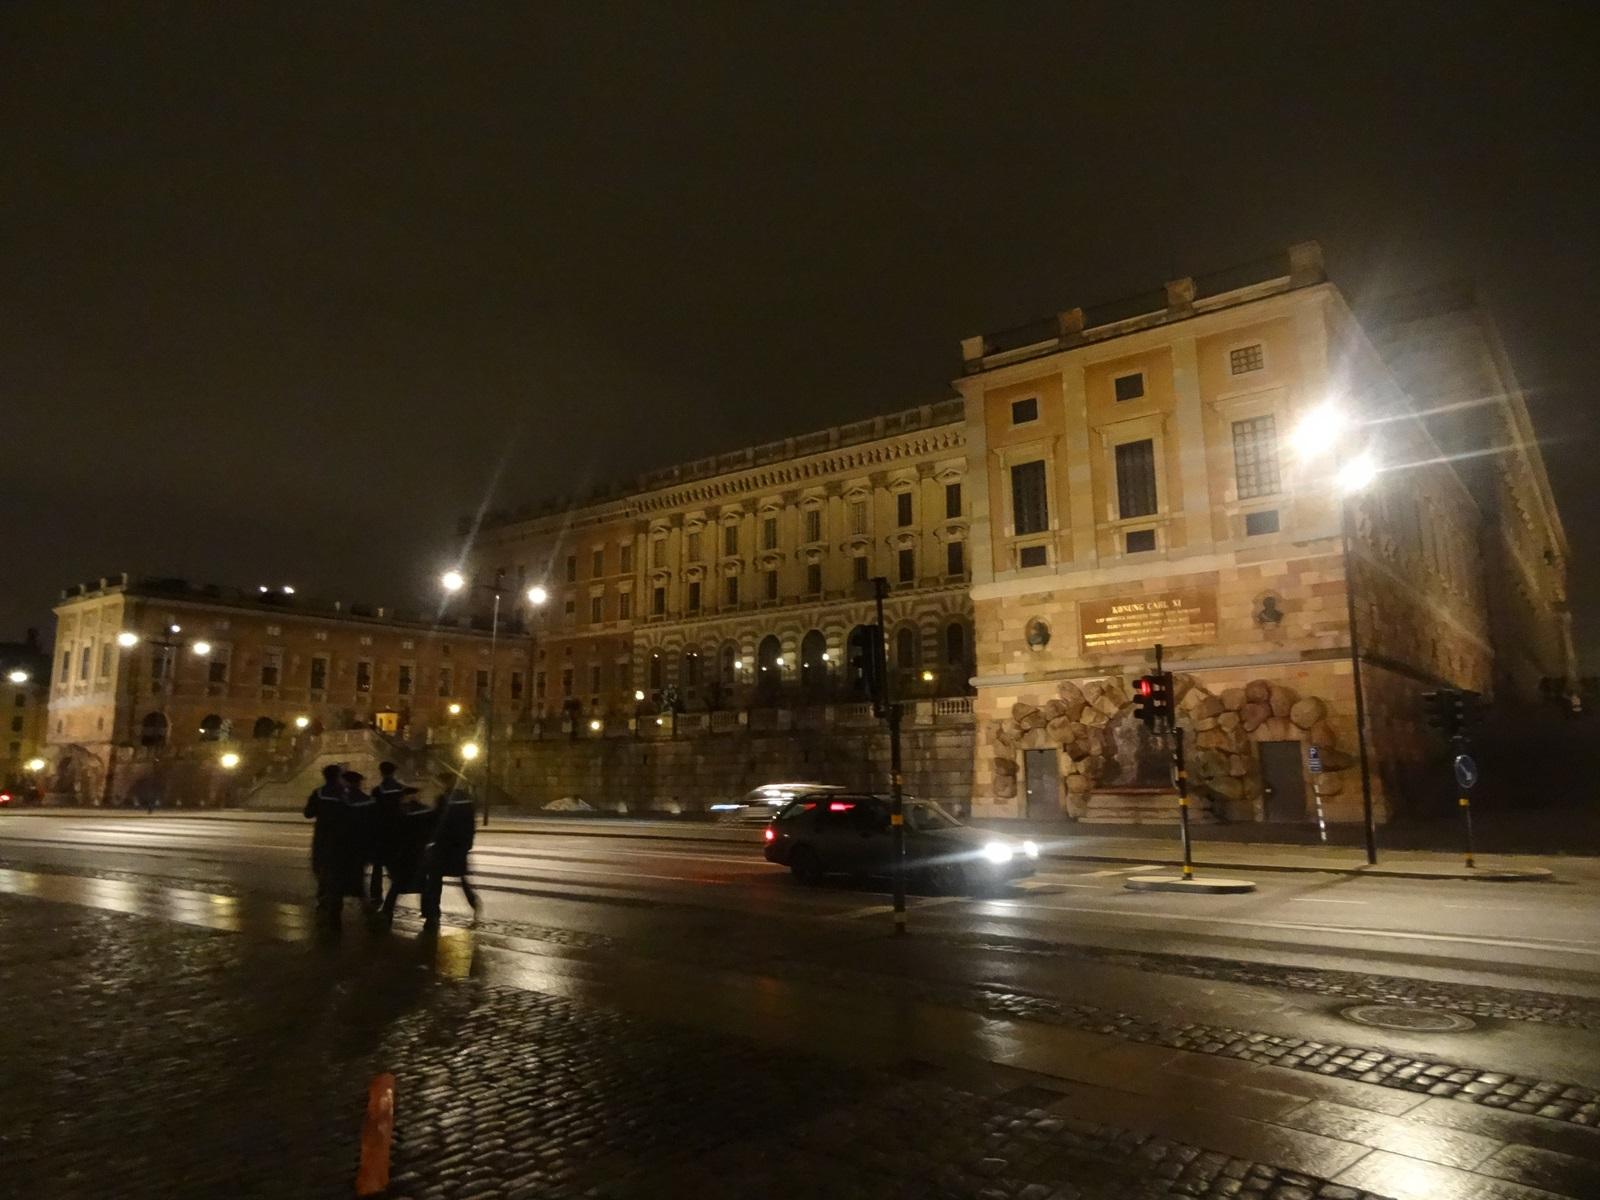 06 zamek krolewski w sztokholmie